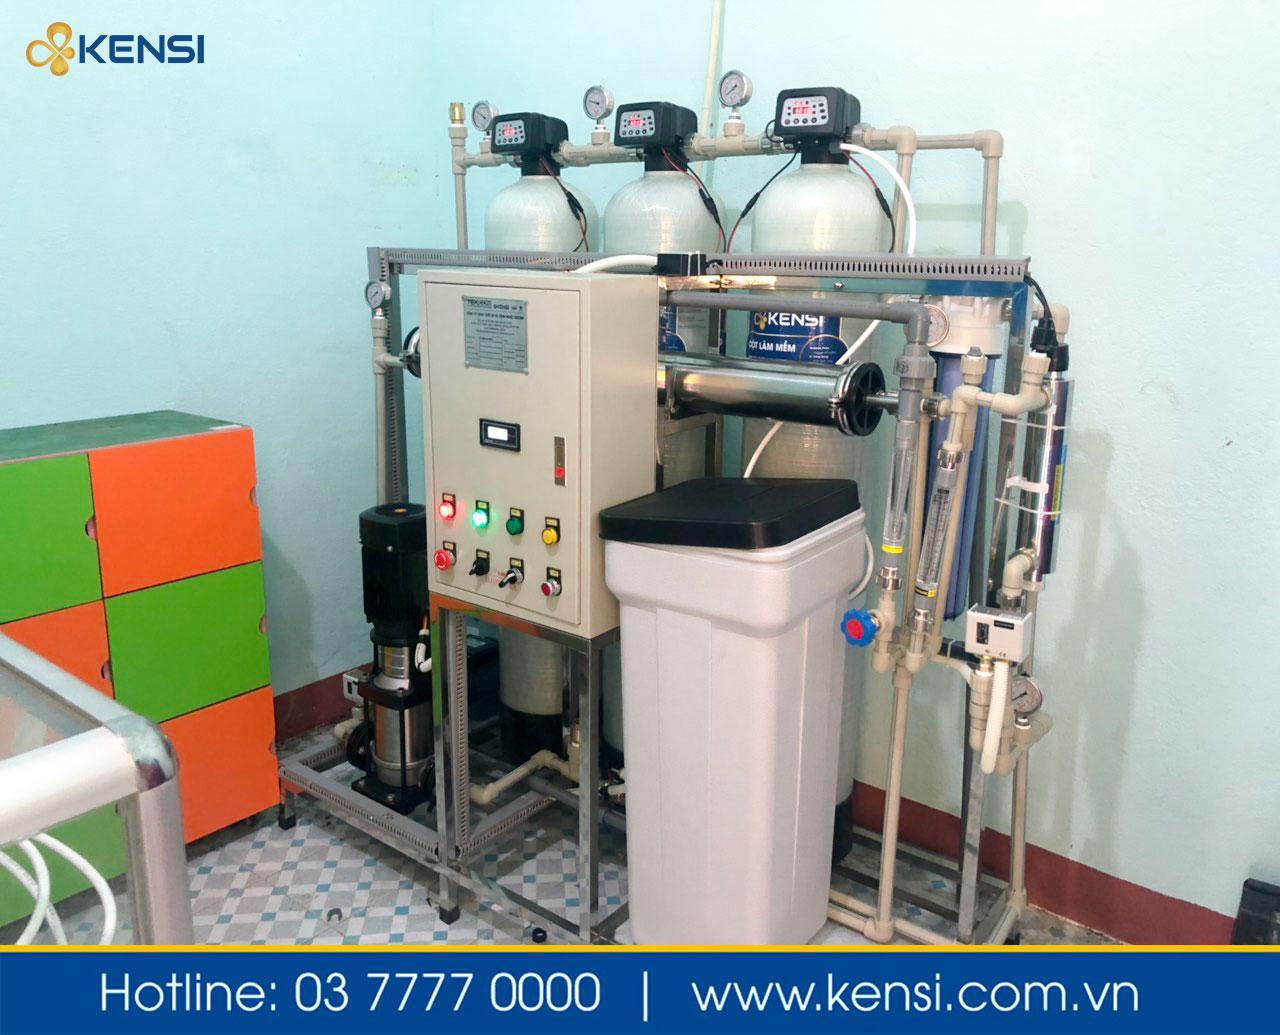 Hệ thống lọc nước công nghiệp tại Quảng Nam